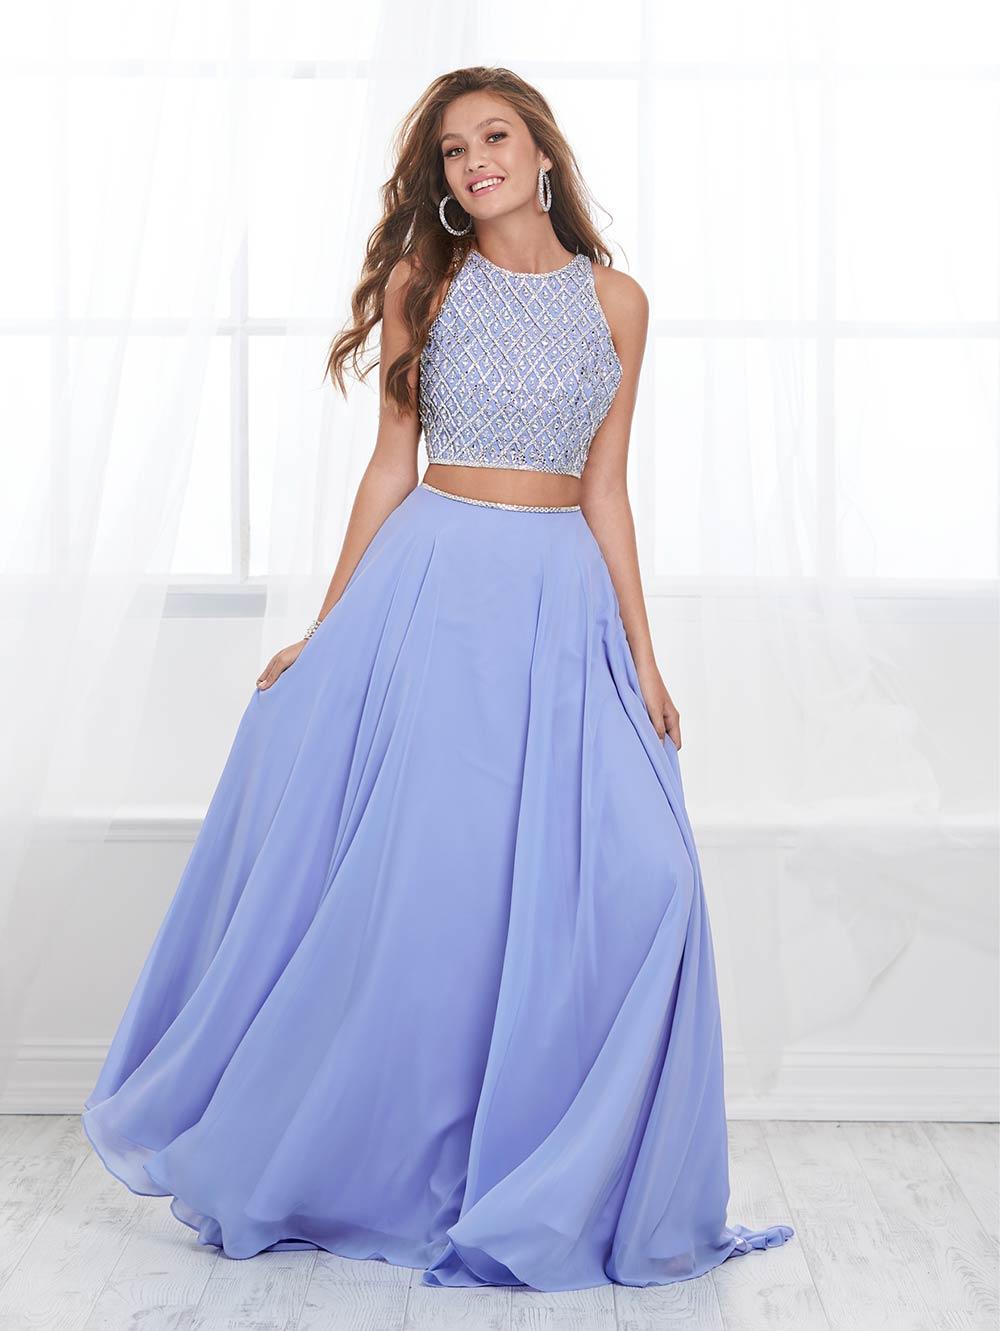 prom-dresses-jacquelin-bridals-canada-27664